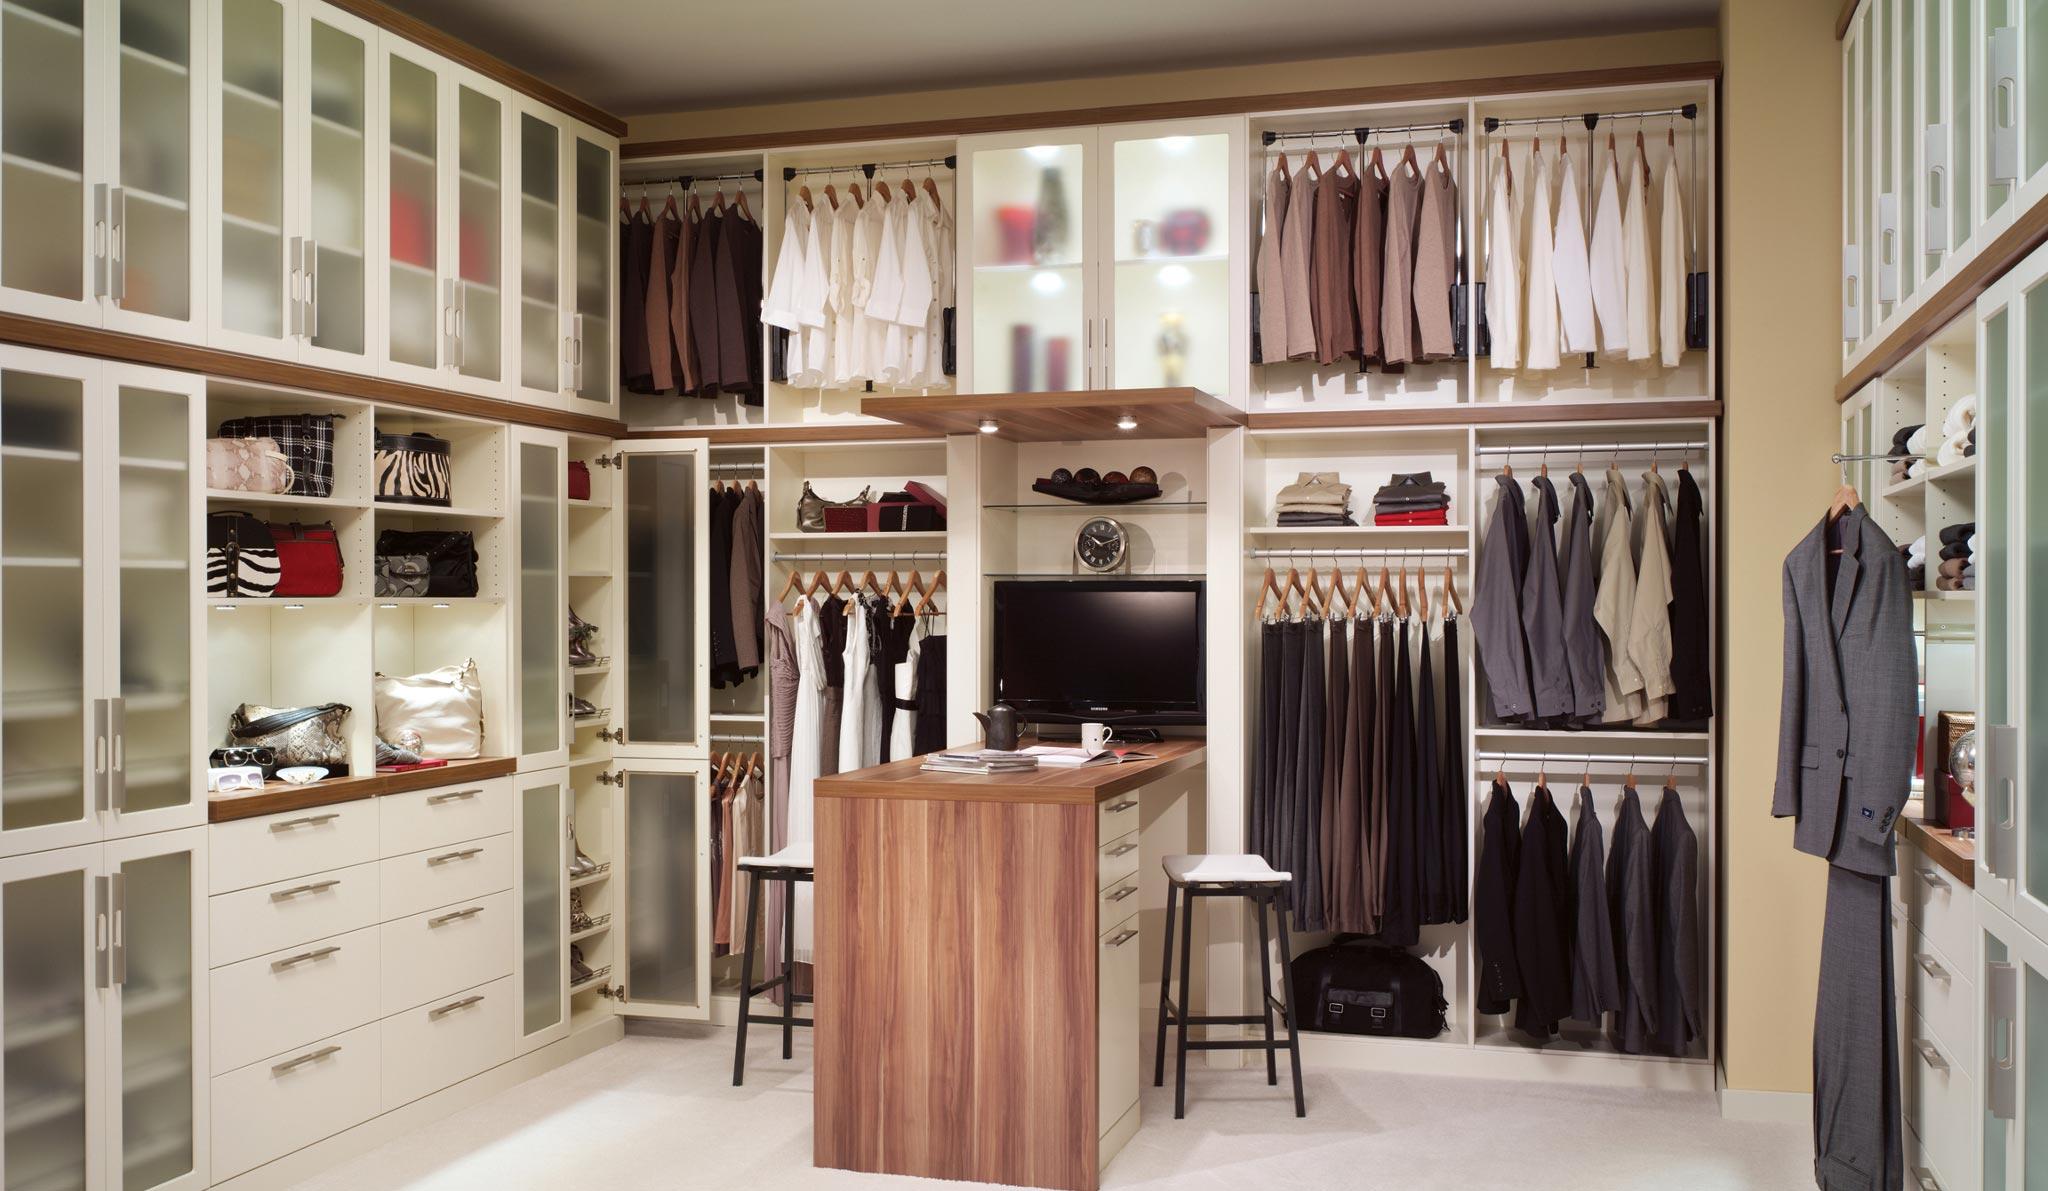 Системы для хранения гардероба: классификация, варианты и достоинства